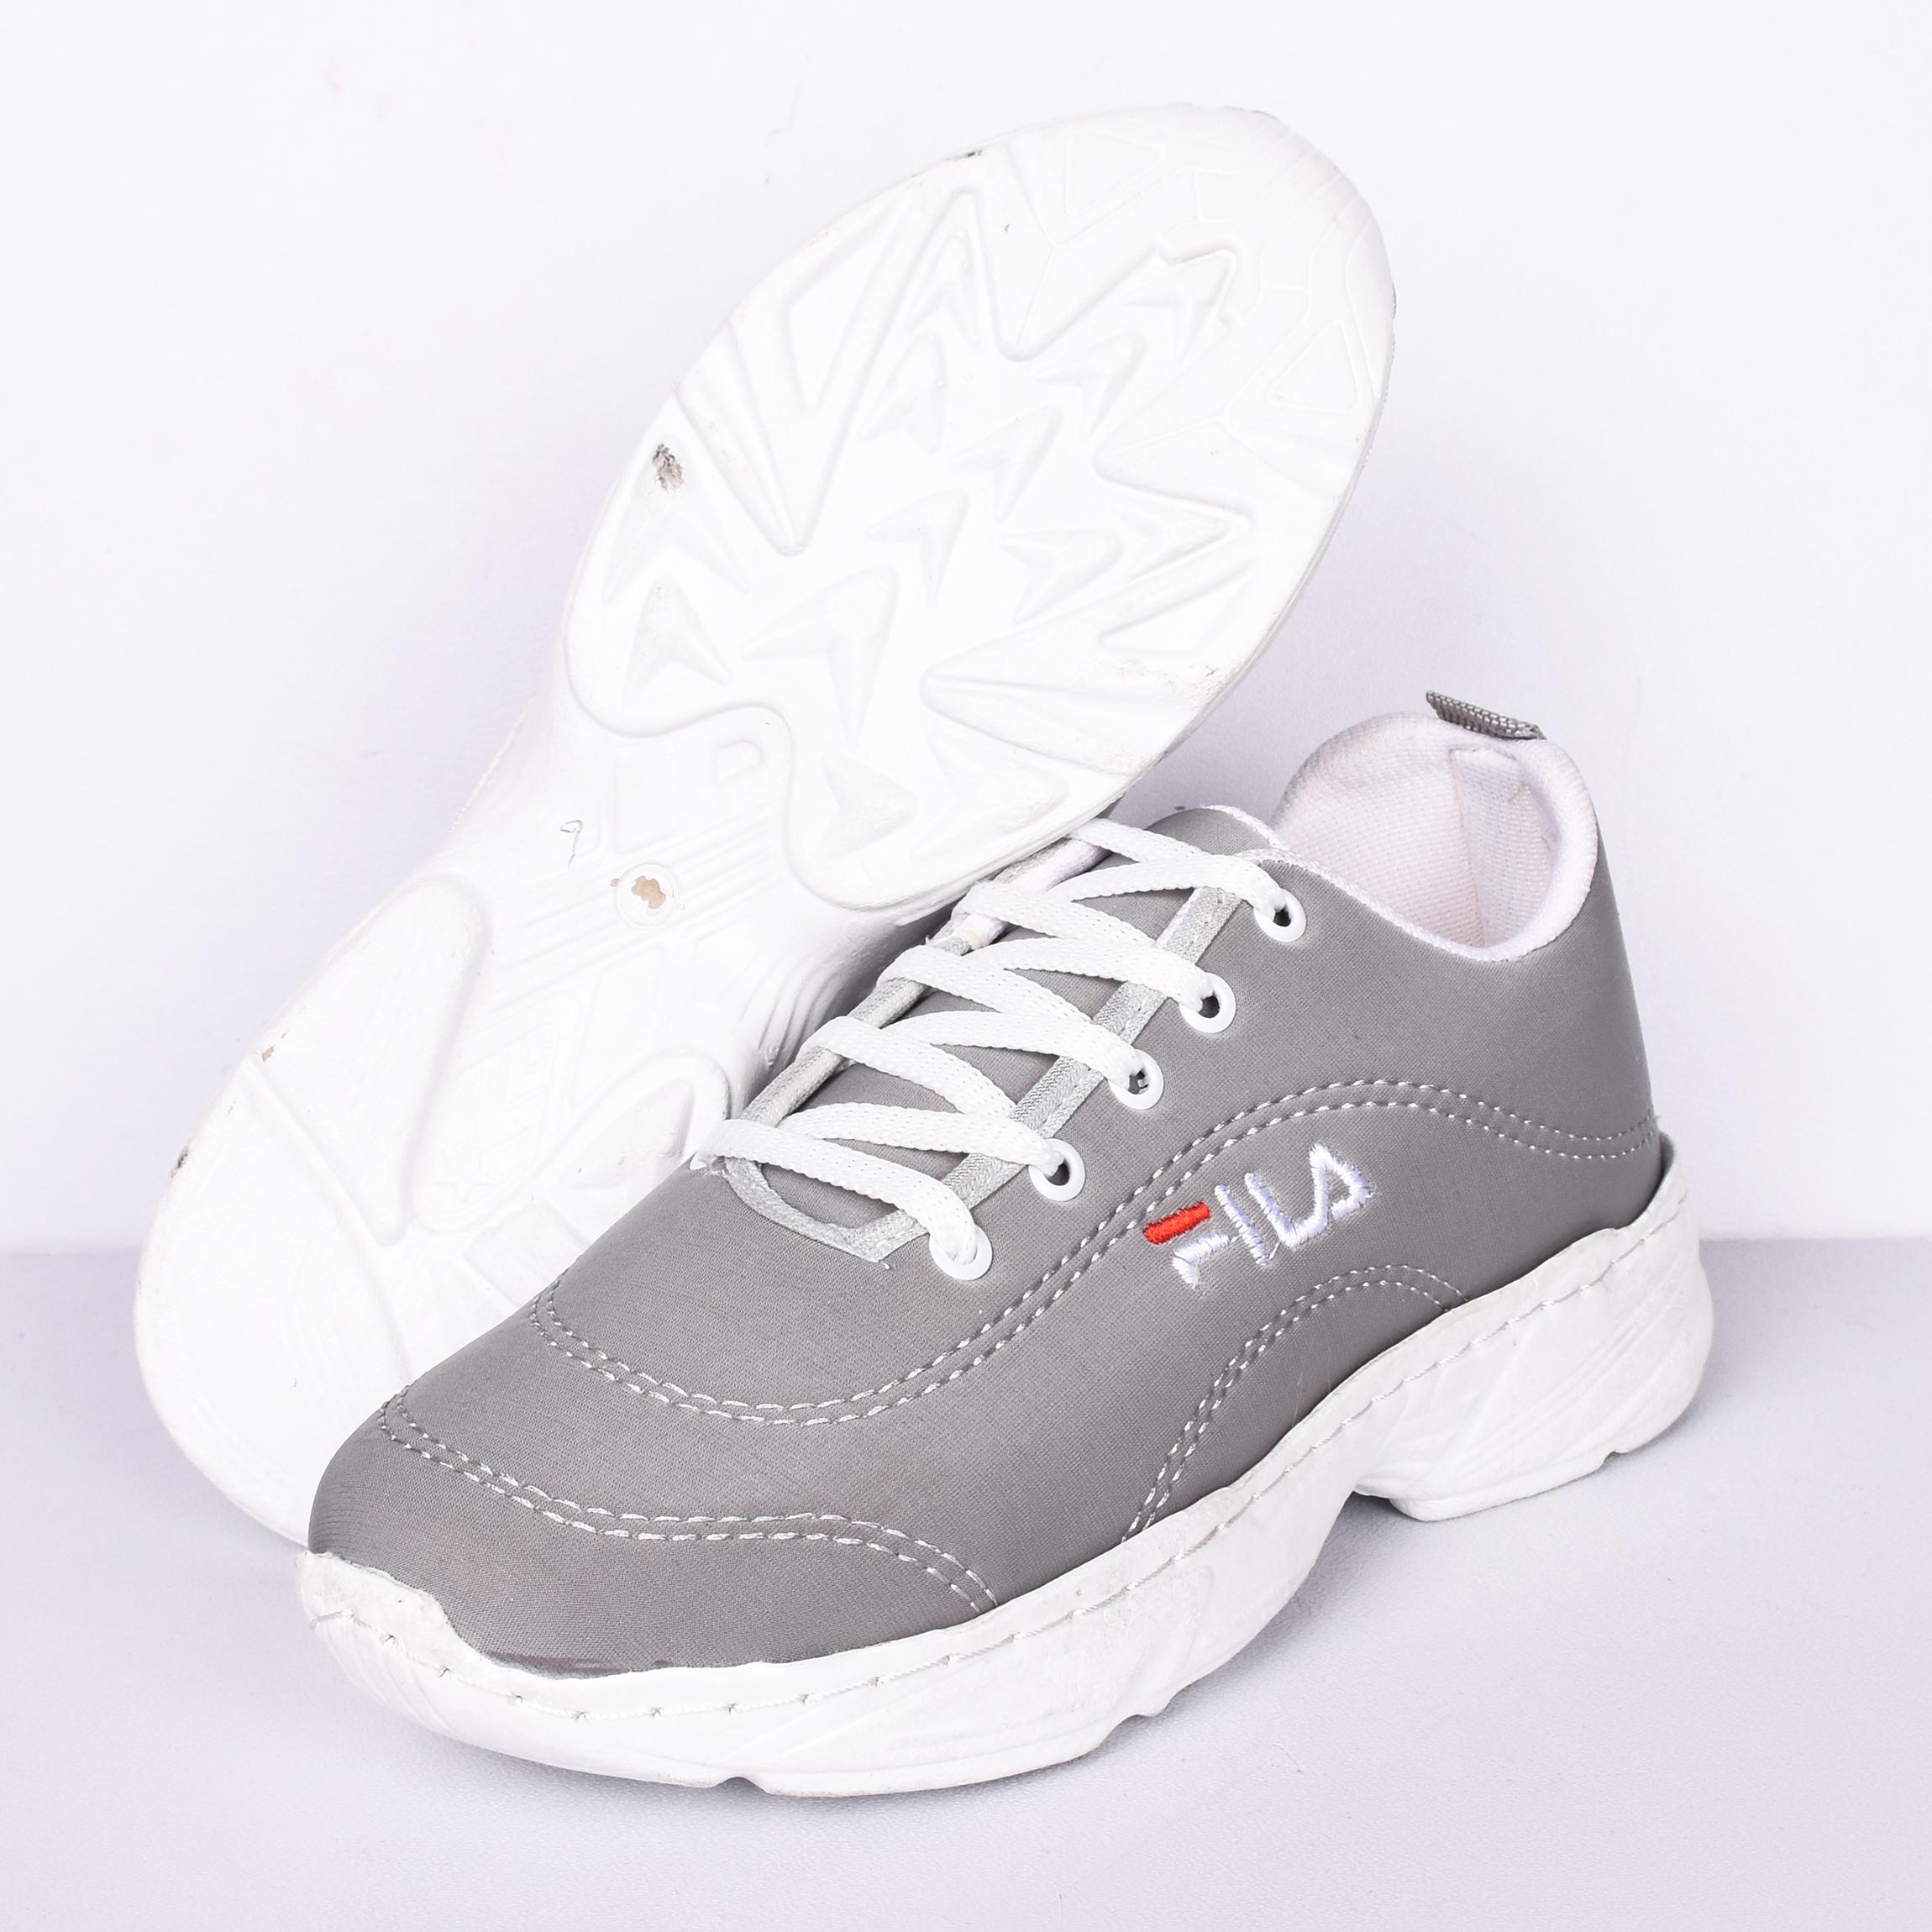 قیمت خرید کفش مخصوص دویدن مردانه کد 0908t اورجینال